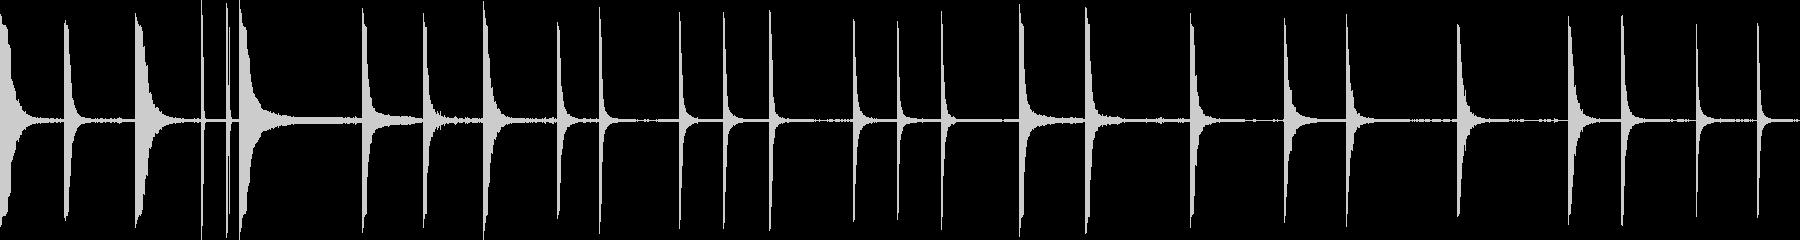 メタルクランクの未再生の波形